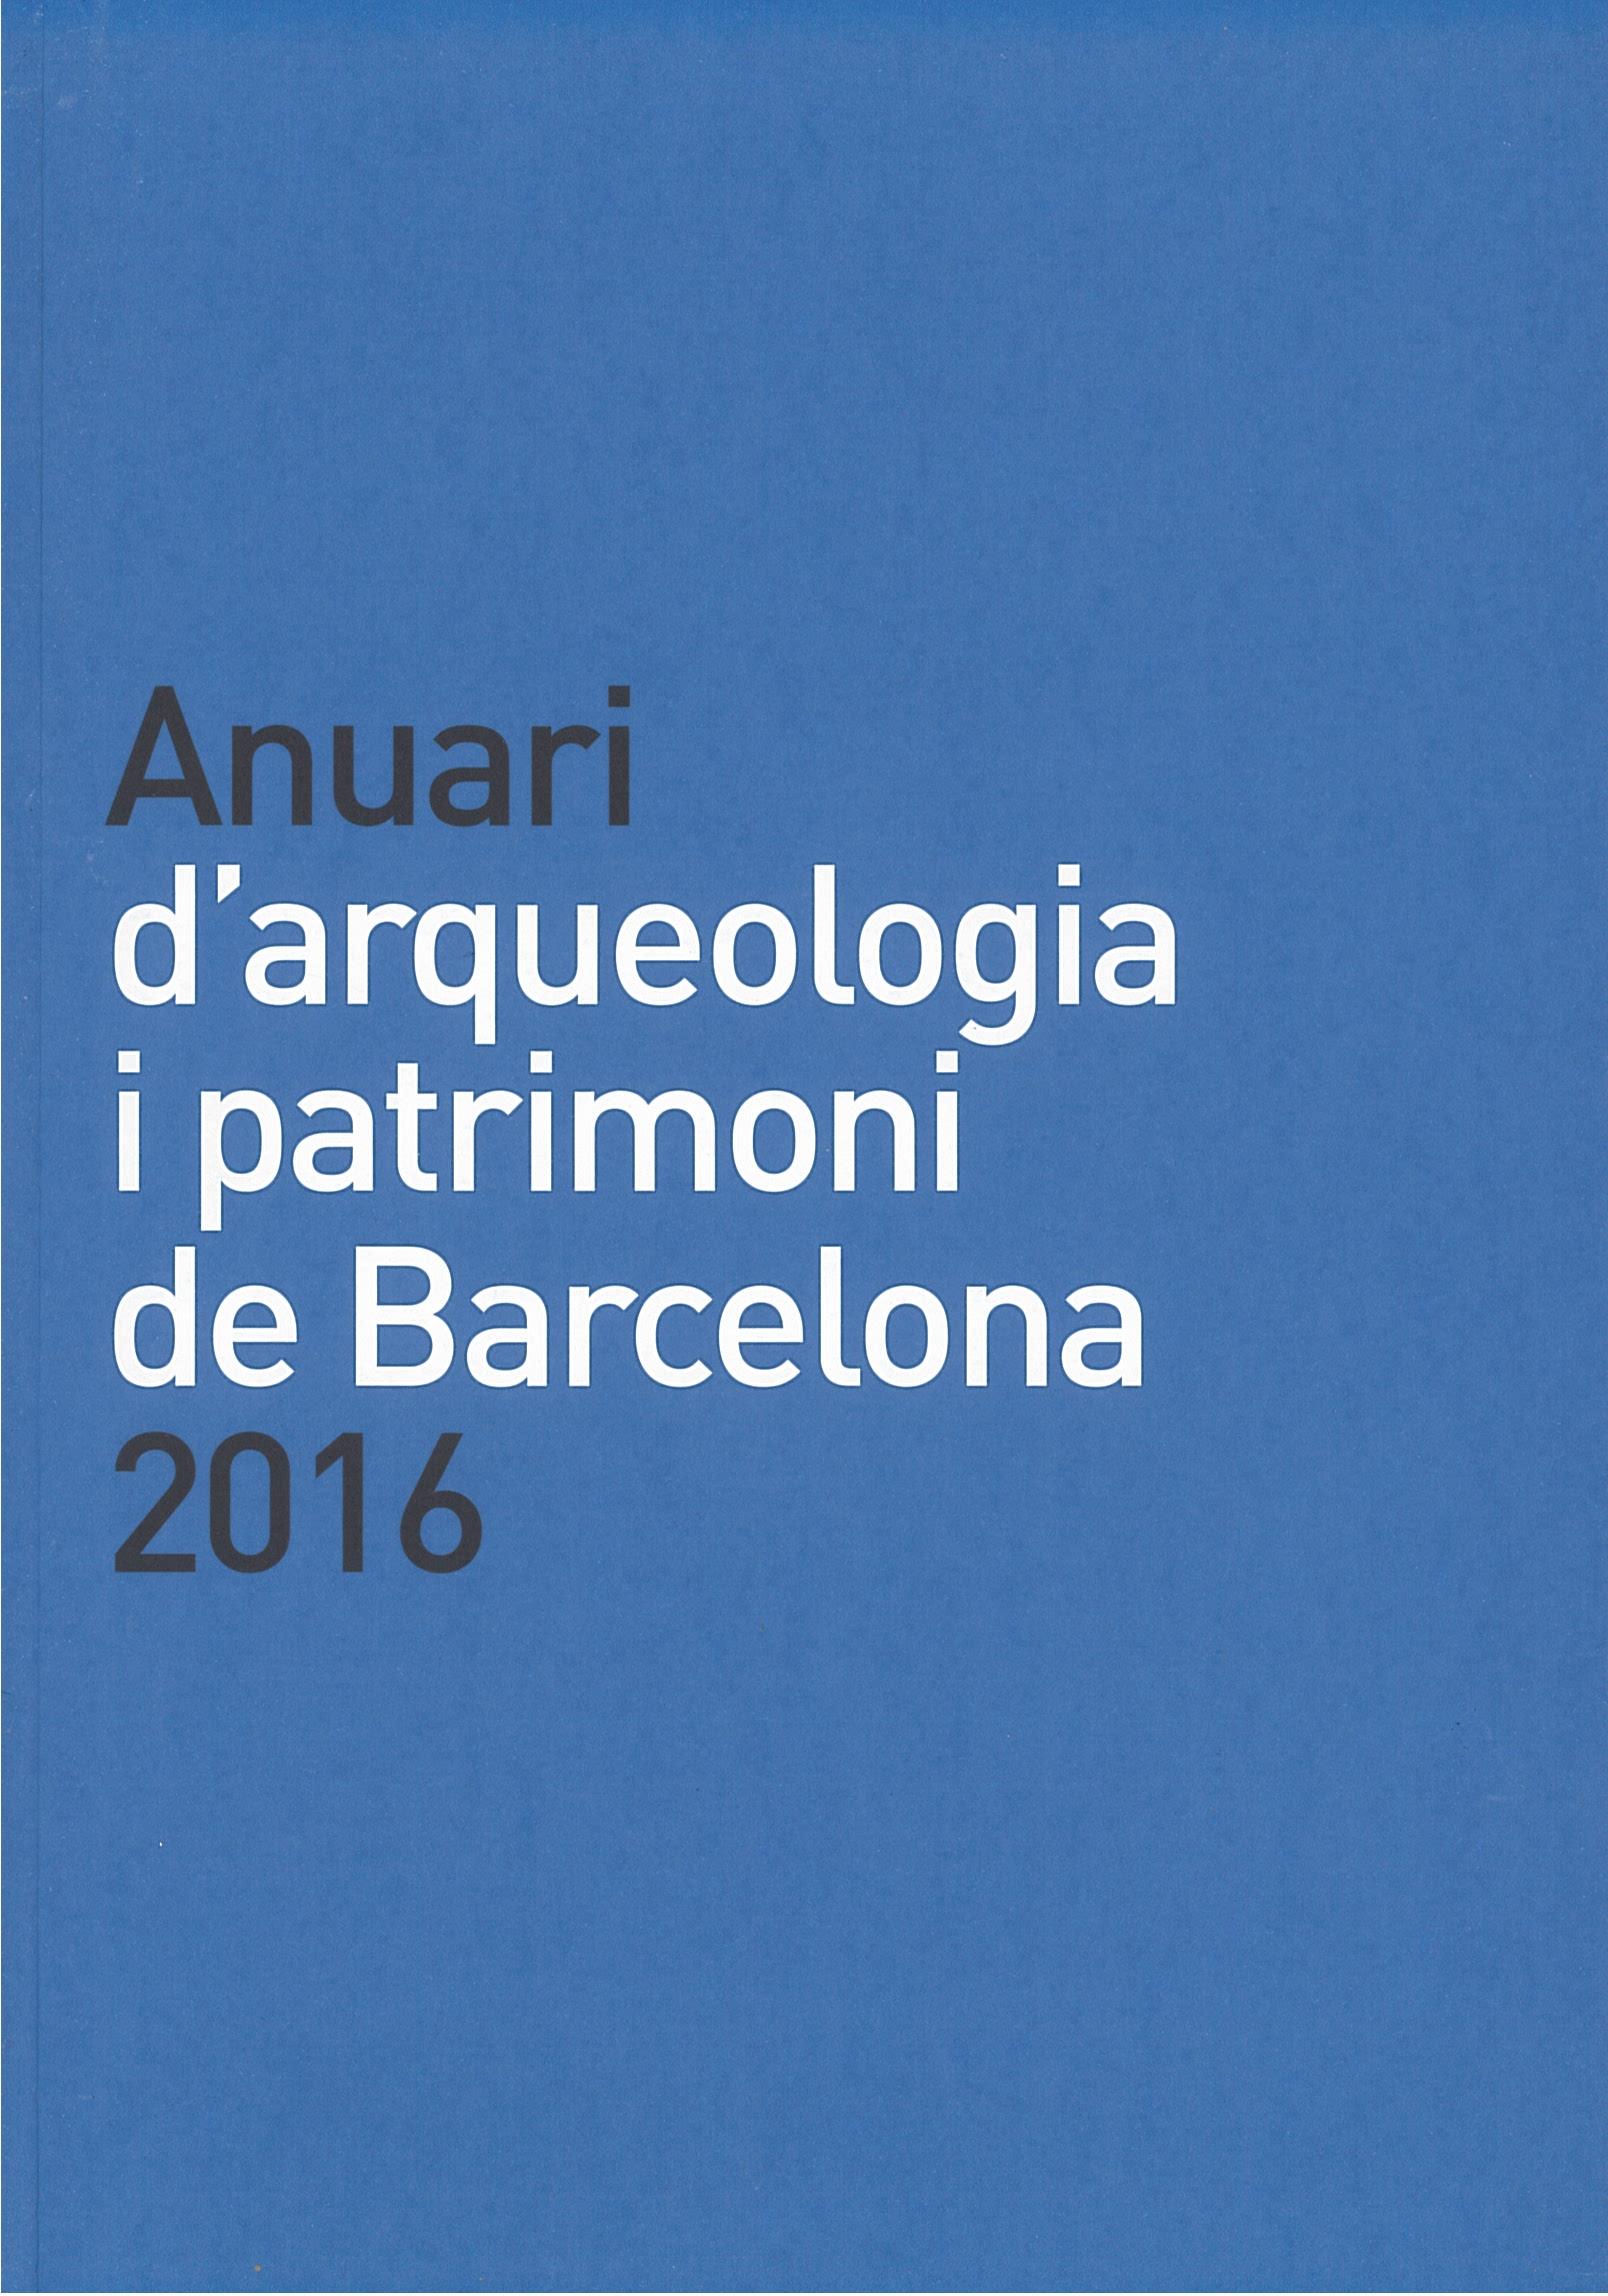 Anuari d'Arqueologia i Patrimoni de Barcelona 2016